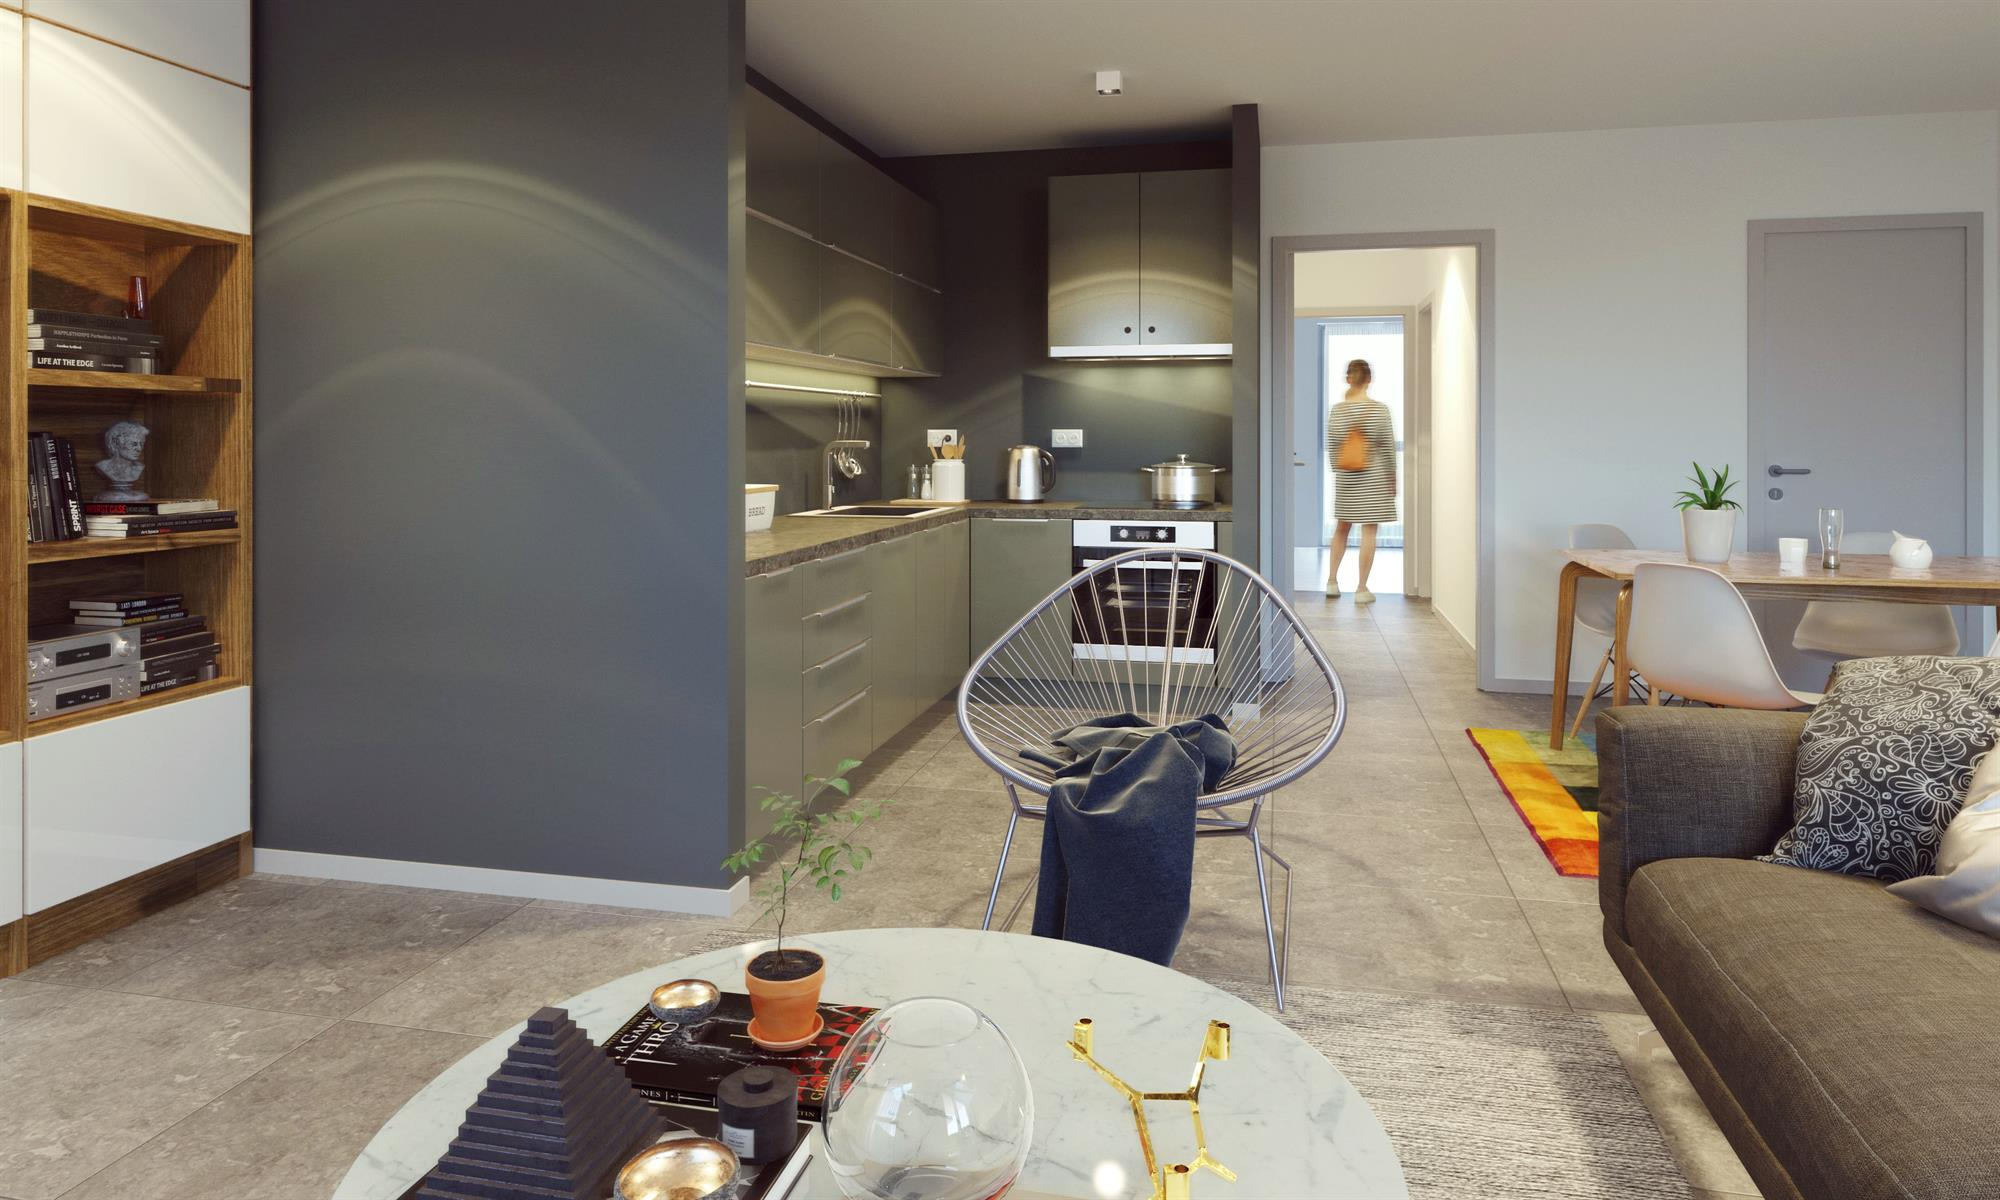 Ground floor with garden - Flemalle - #4197040-29